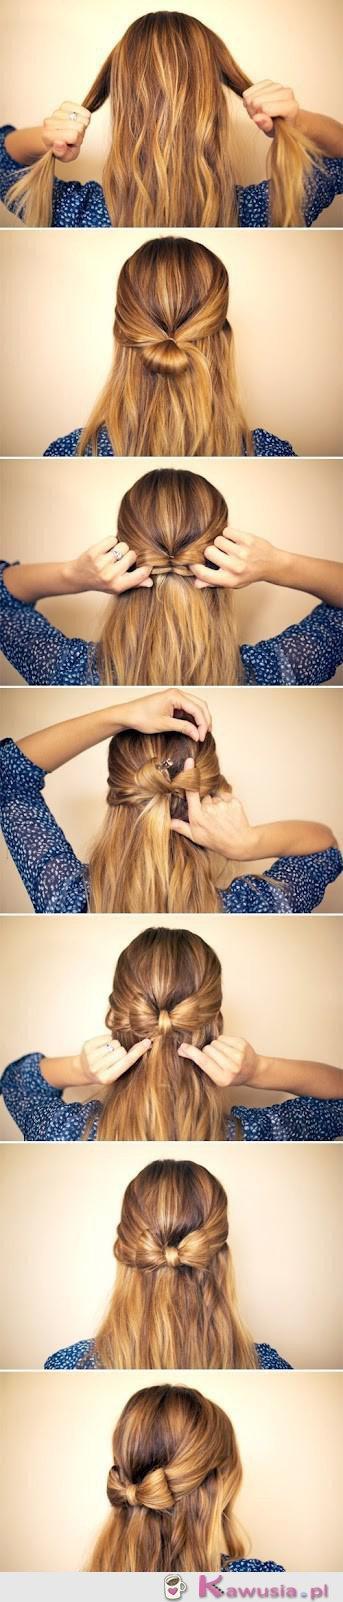 Śliczna fryzurka